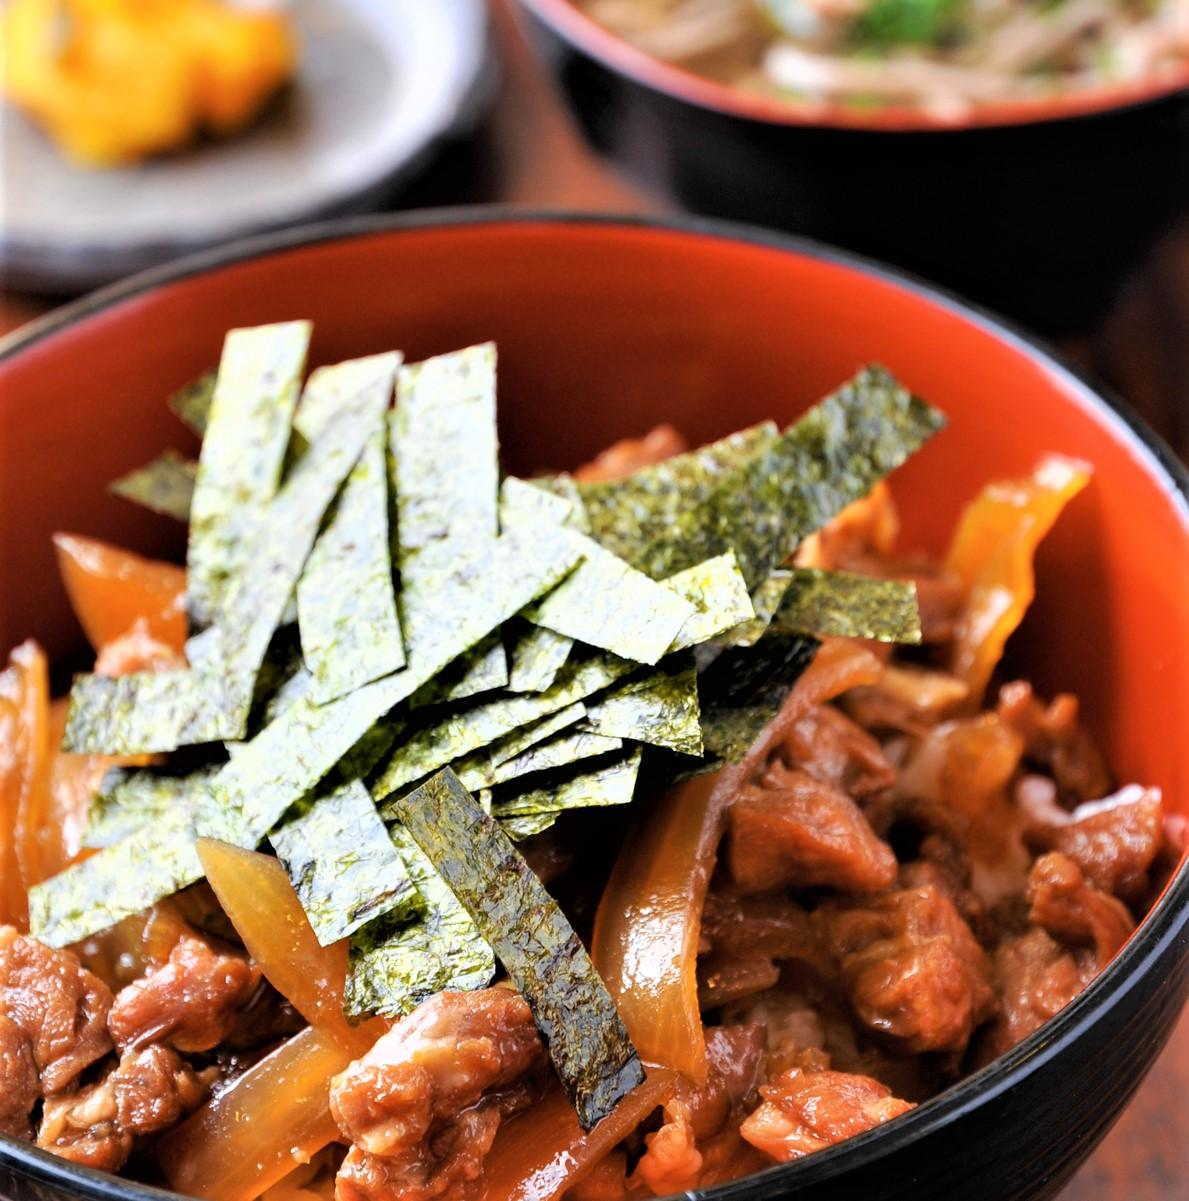 土鸡/鸡肉料理MIYAMA本铺 二官桥通店-4